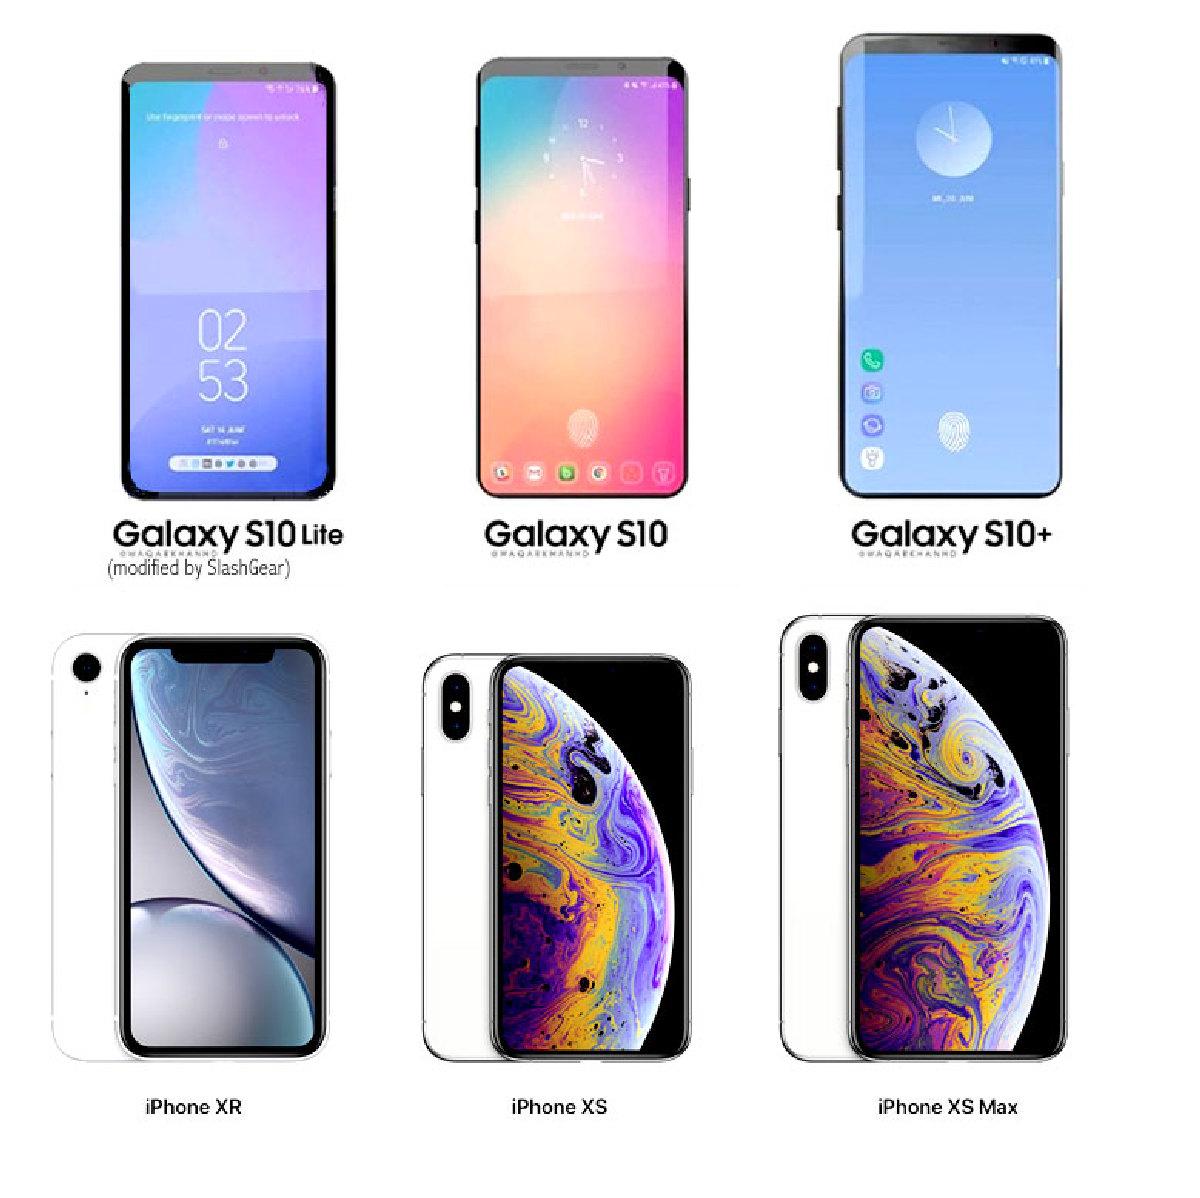 Соответствие моделей Galaxy S10 новым моделям iPhone